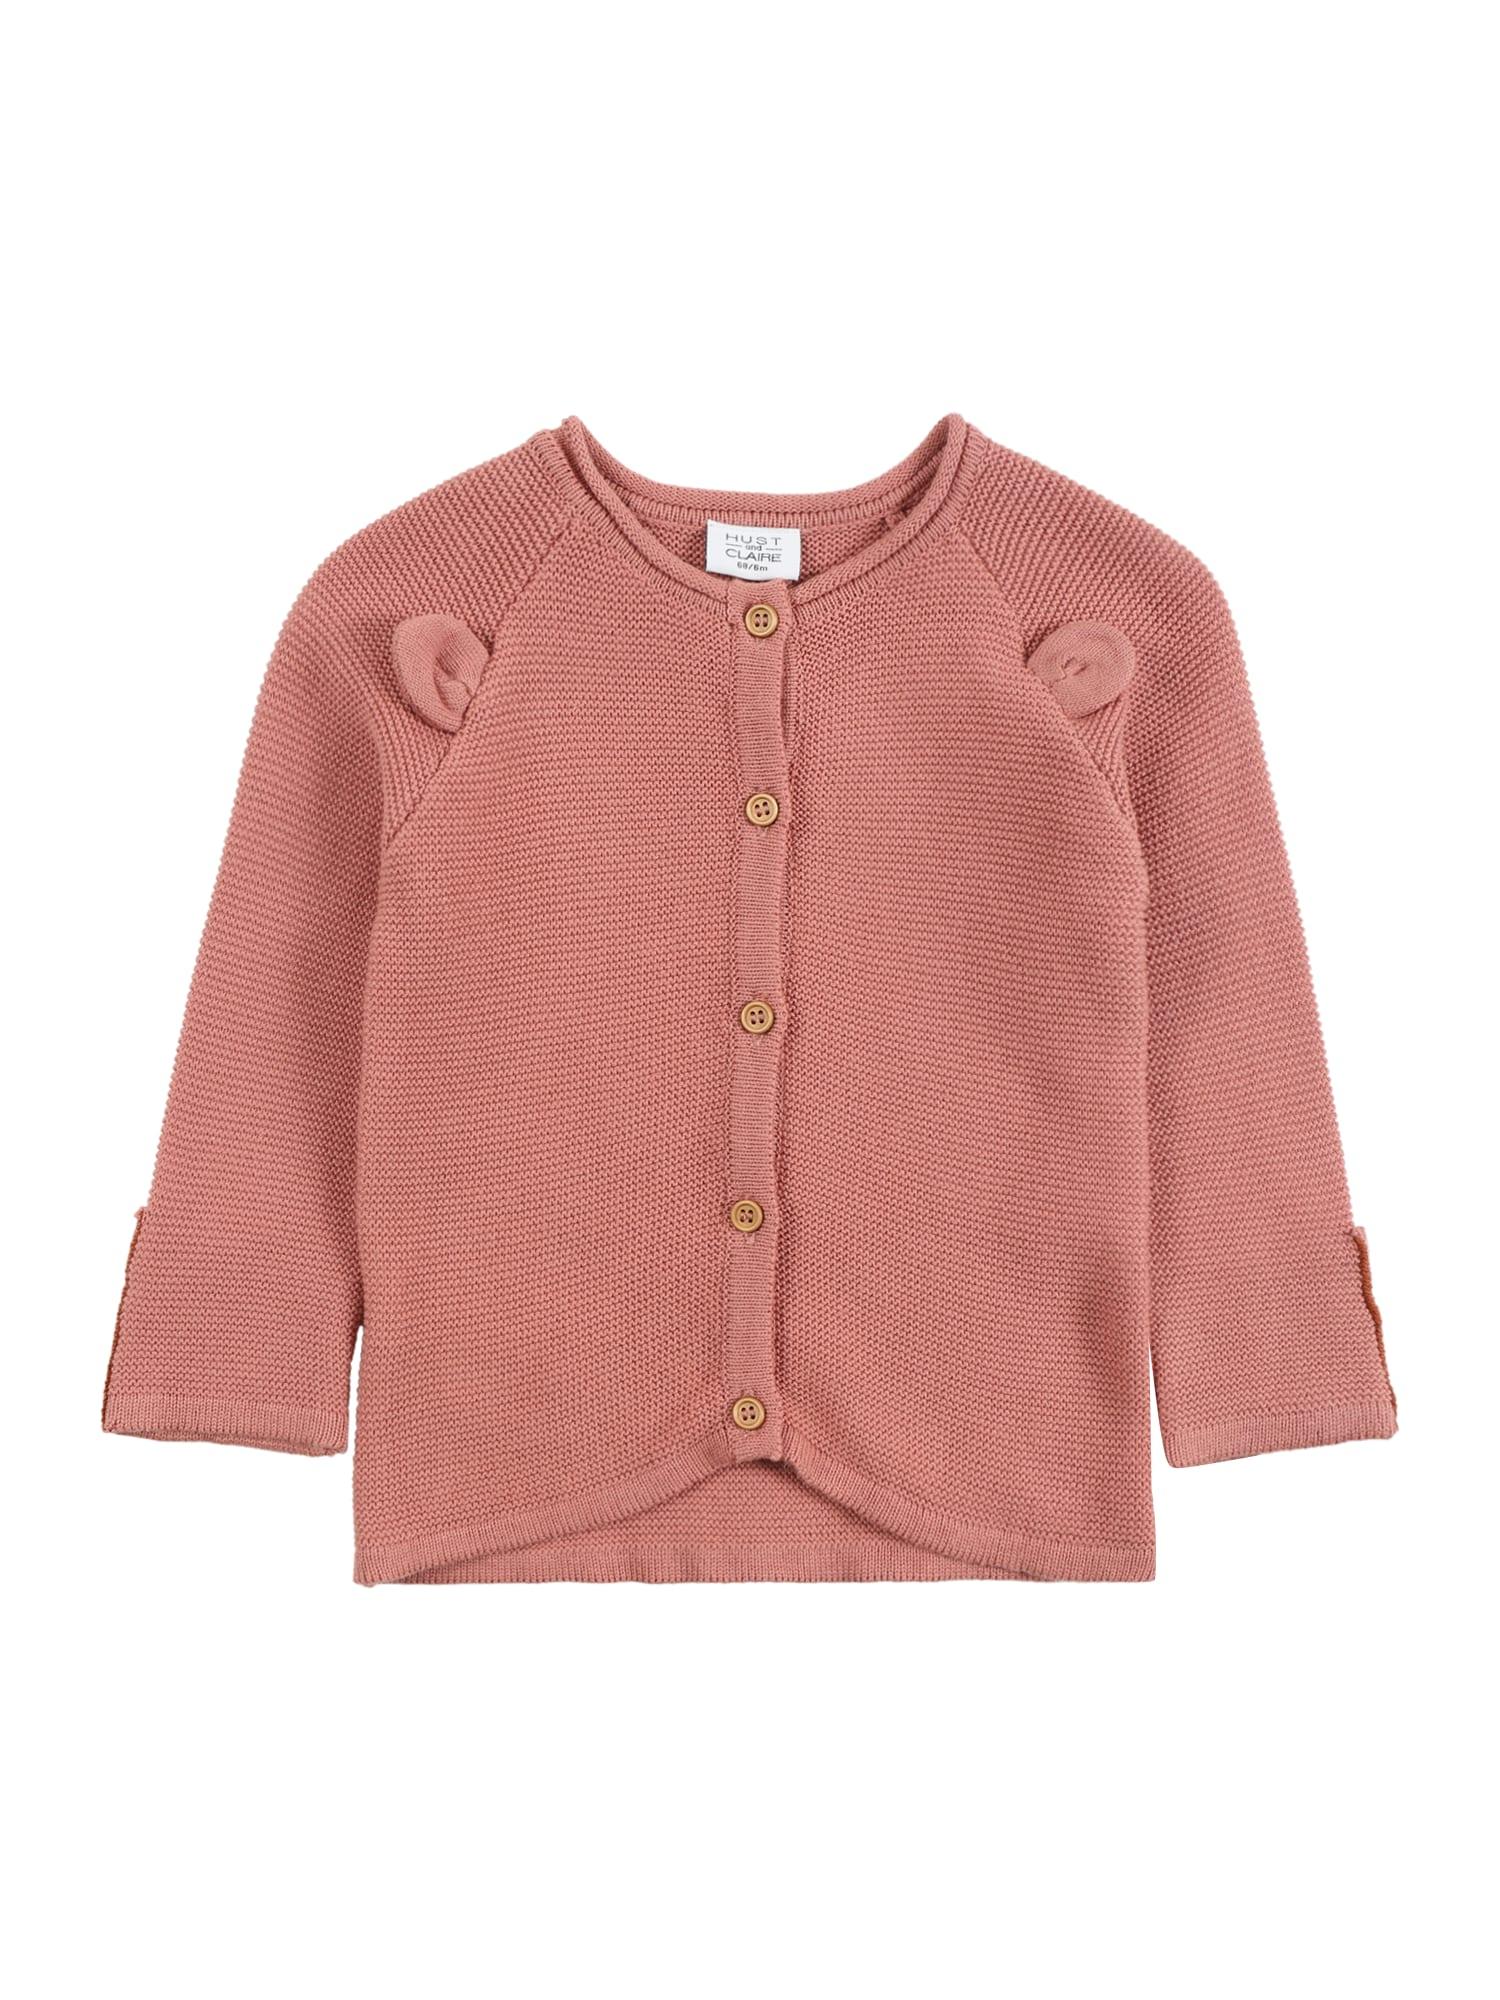 Hust & Claire Kardiganas 'Cilla' ryškiai rožinė spalva / rusvai oranžinė